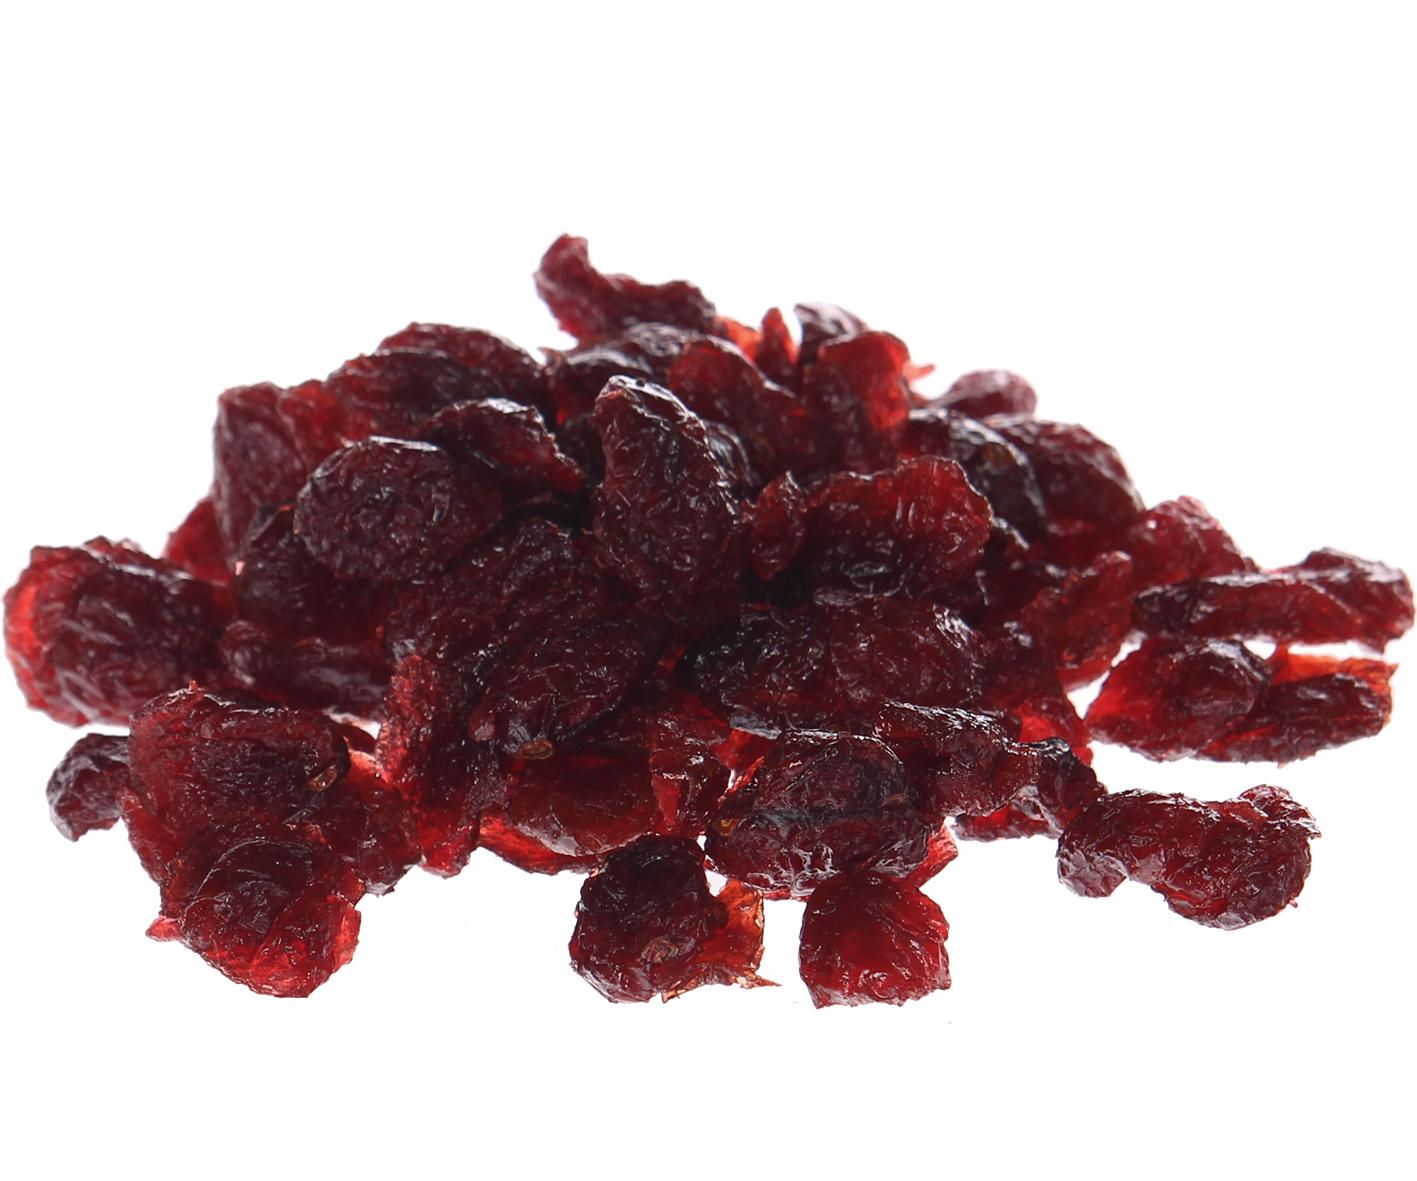 Bio brusnice klikva se třtinovým cukrem bio*nebio 2,5 kg